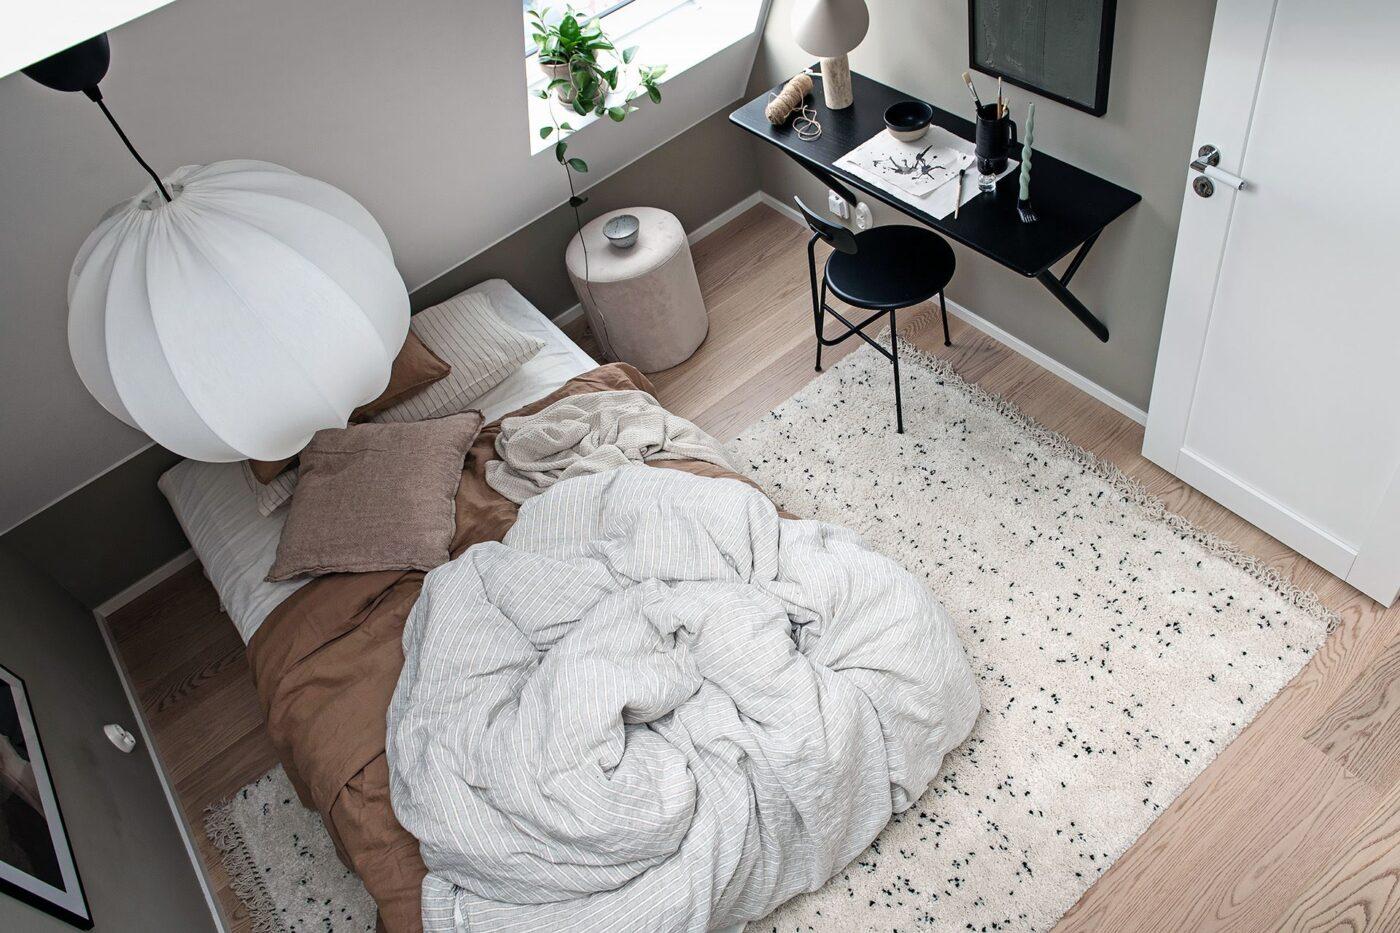 5_pequenos_arreglos_mejorar_aspecto_casa_decoración_interiores_soluciones_decorativas-02